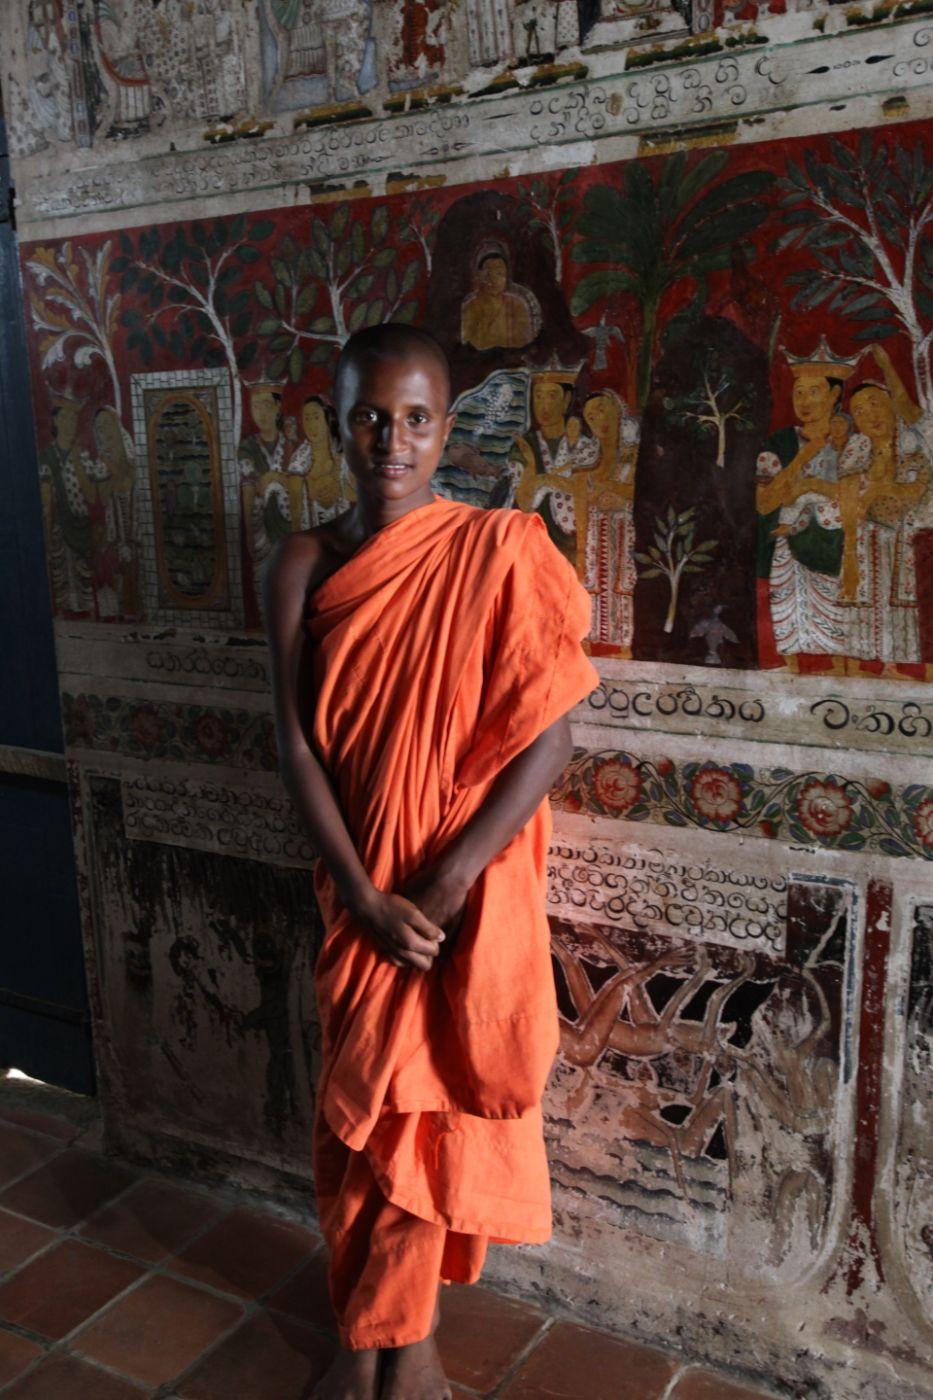 Saffron, Sri Lanka